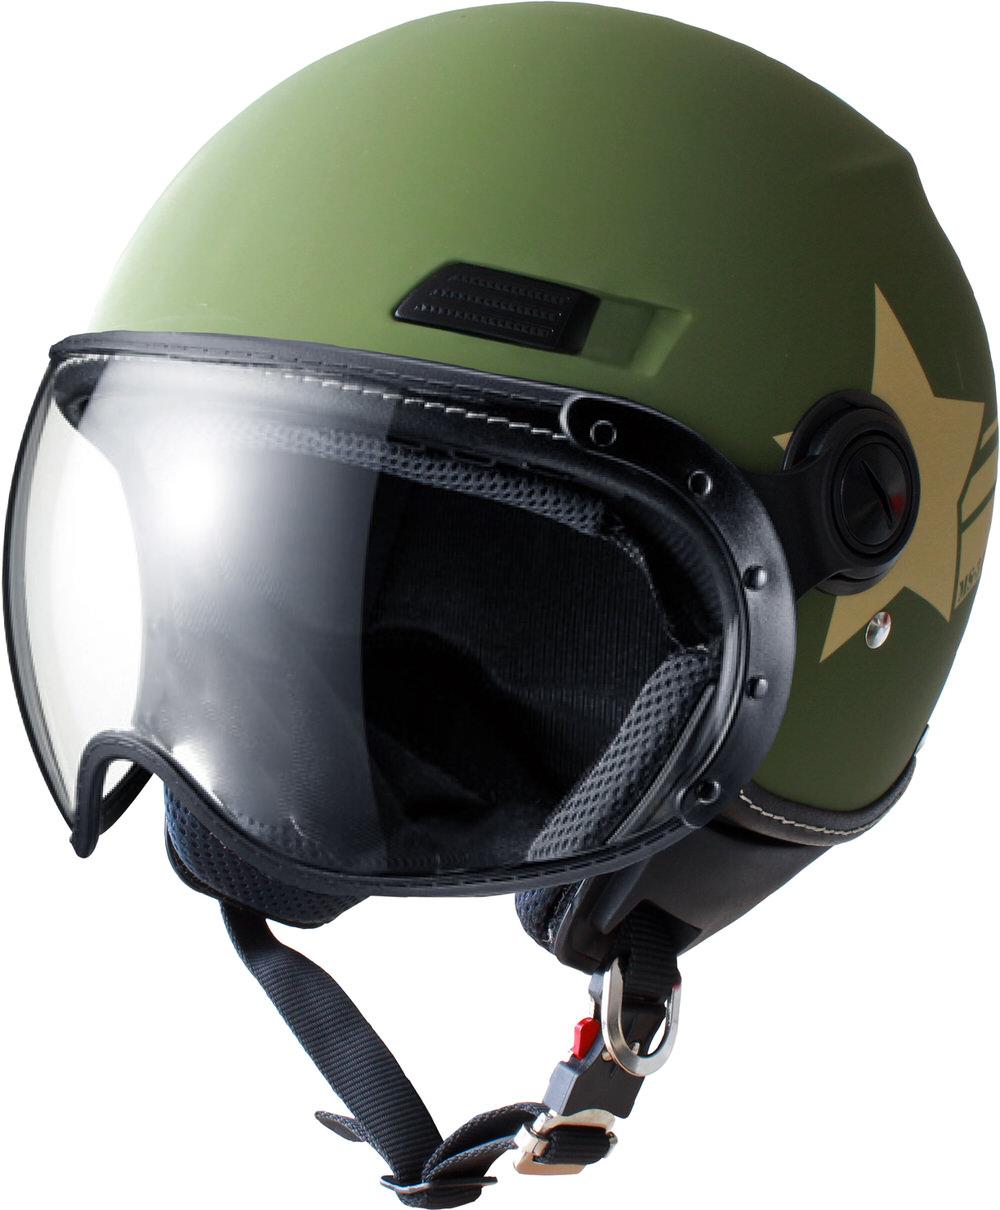 MS-340 パイロットタイプヘルメット アミースター マットカーキー Mサイズ MARUSHIN(マルシン)